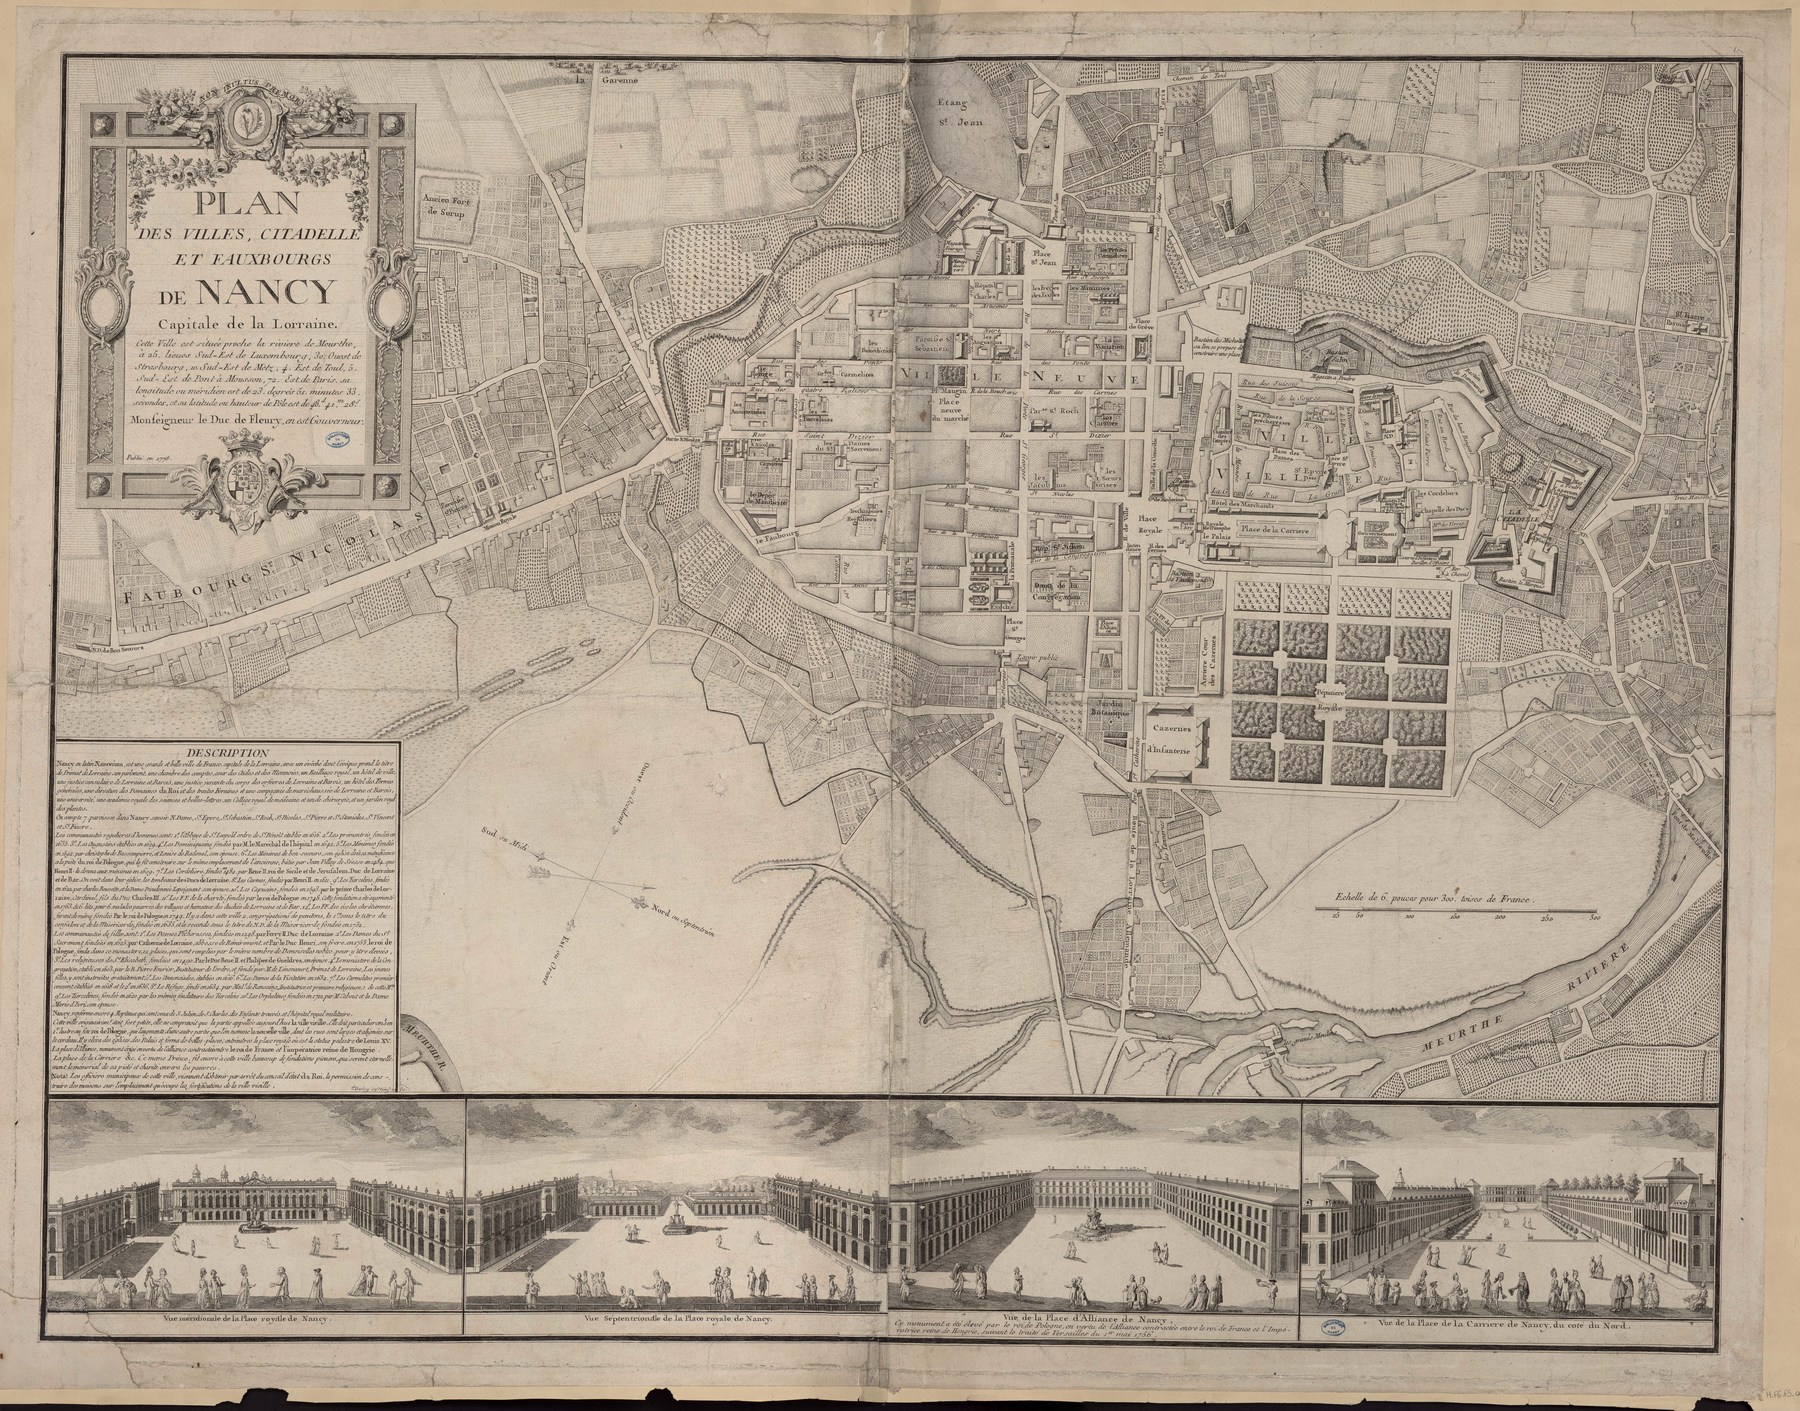 Contenu du Plan des villes, citadelle et faubourgs de Nancy, dédié à la Reine par... C. Mique, architecte de feu Roi de Pologne à Nancy